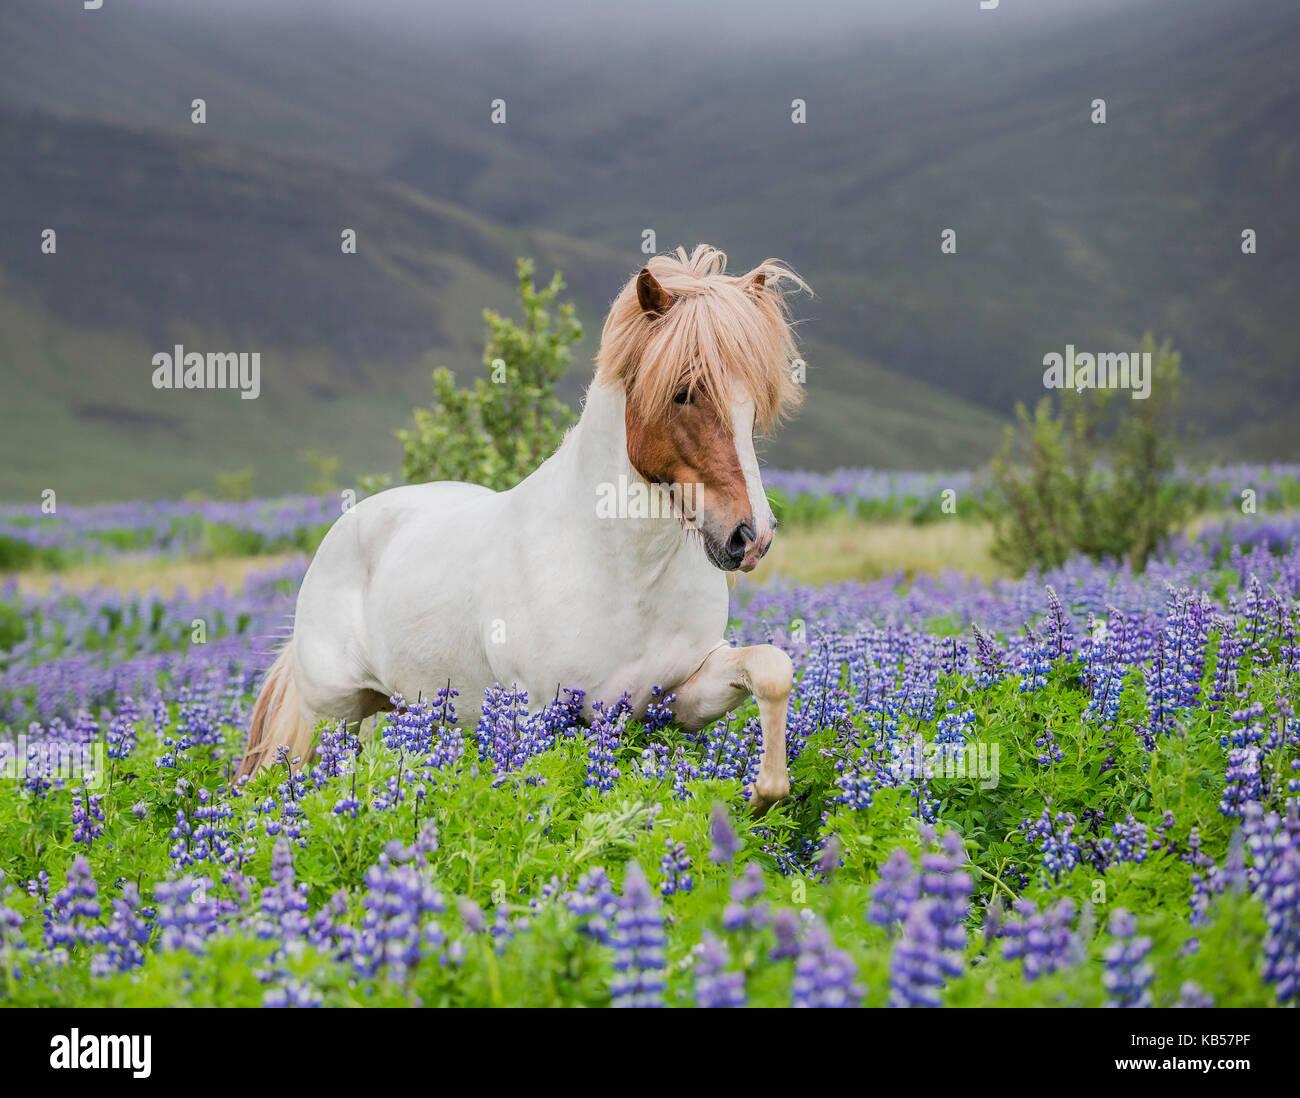 Cheval islandais s'exécutant dans des champs de lupins, cheval de race pure dans l'été de Photo Stock